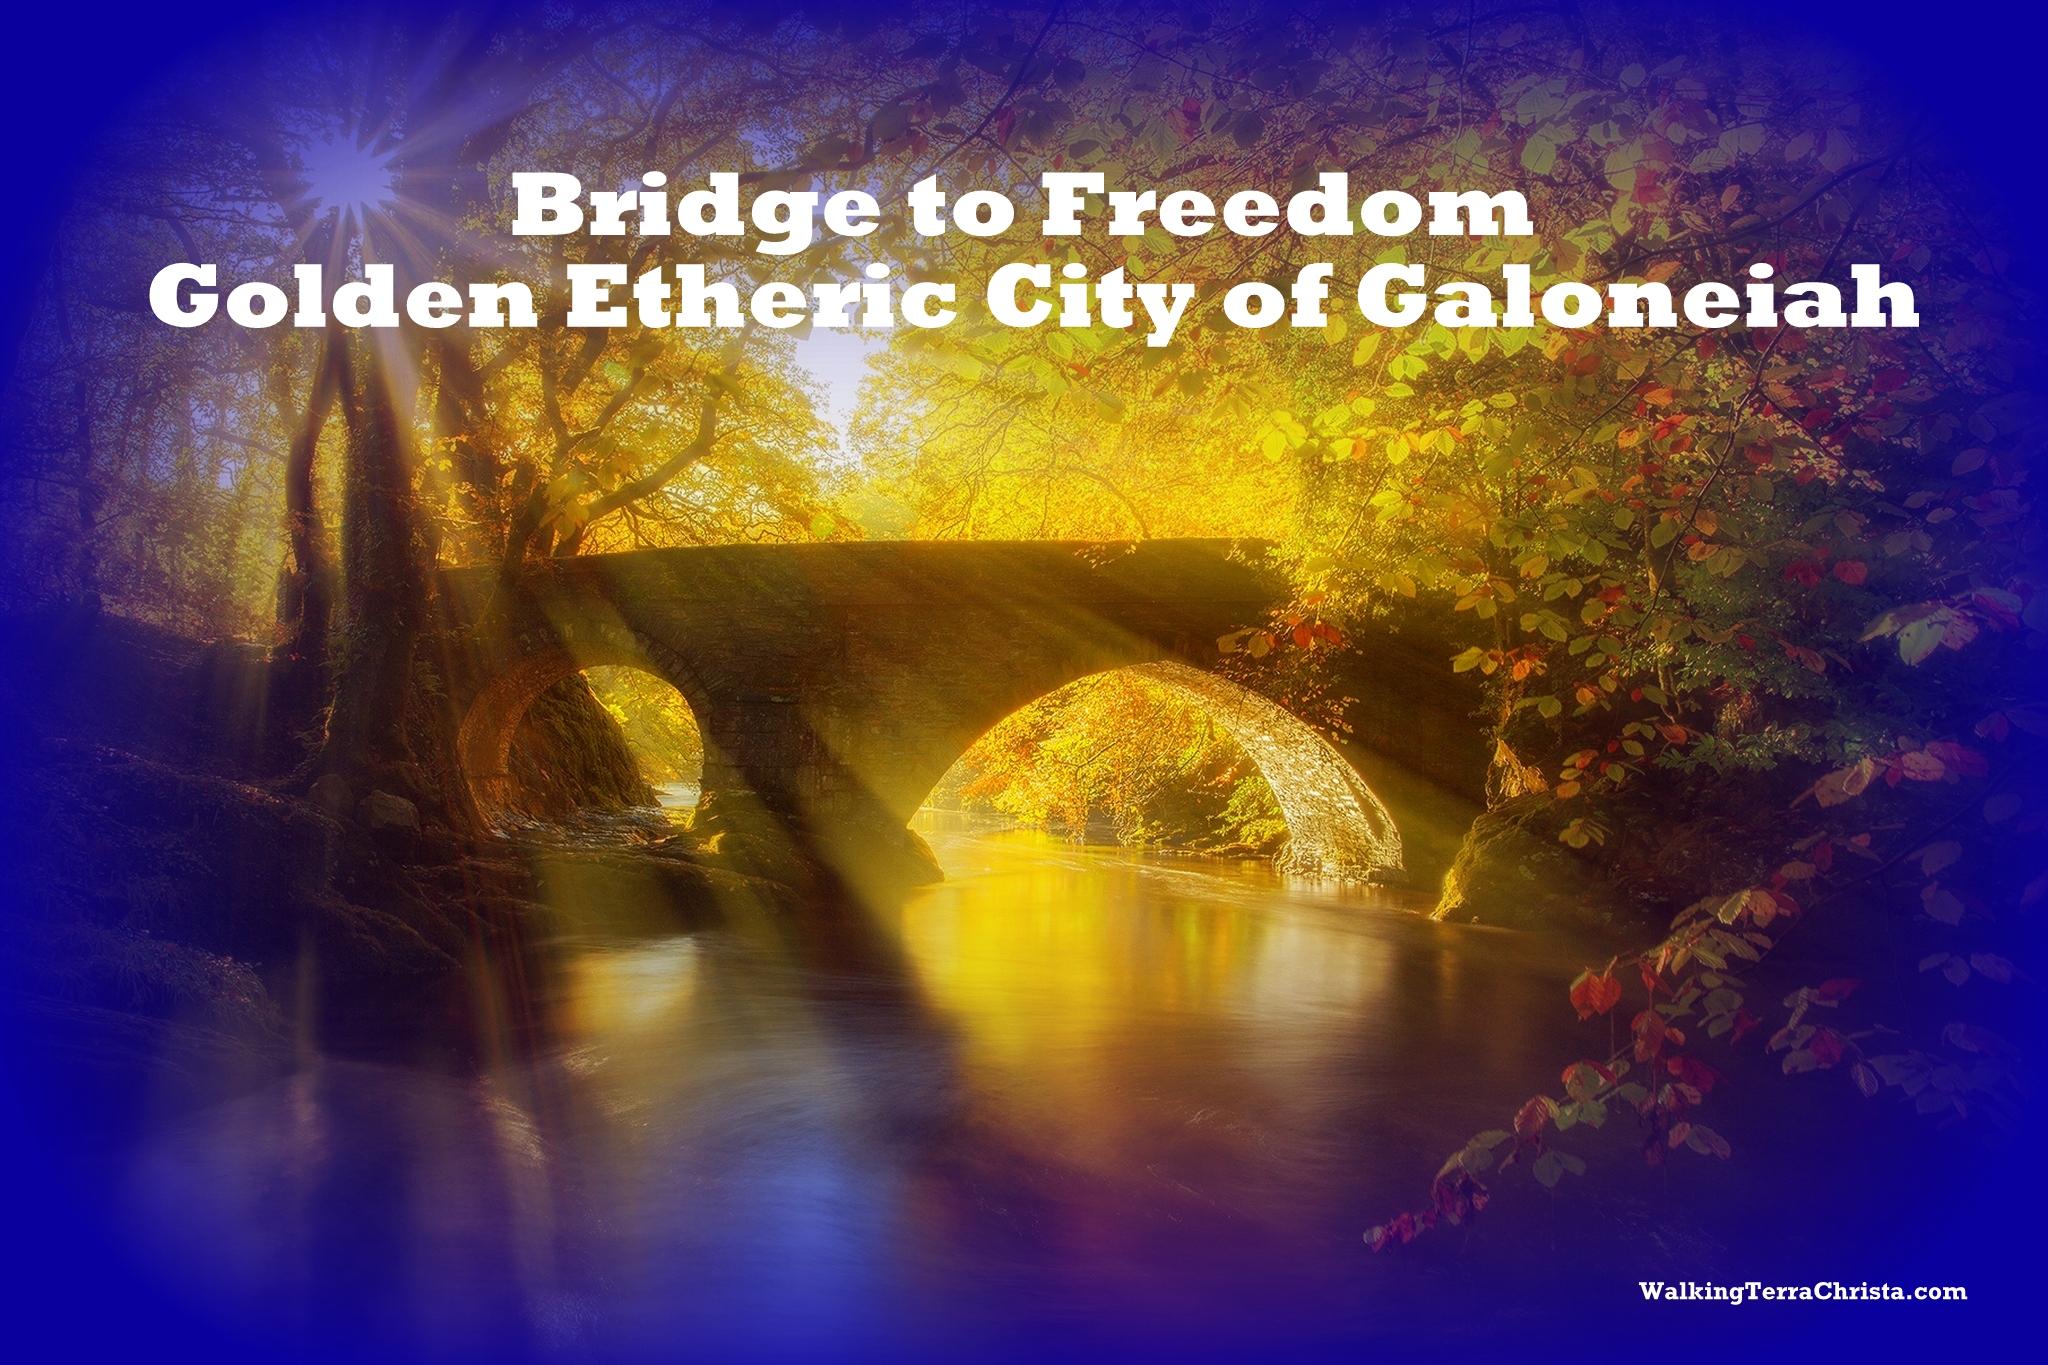 Galoneiah Bridge to Freedom